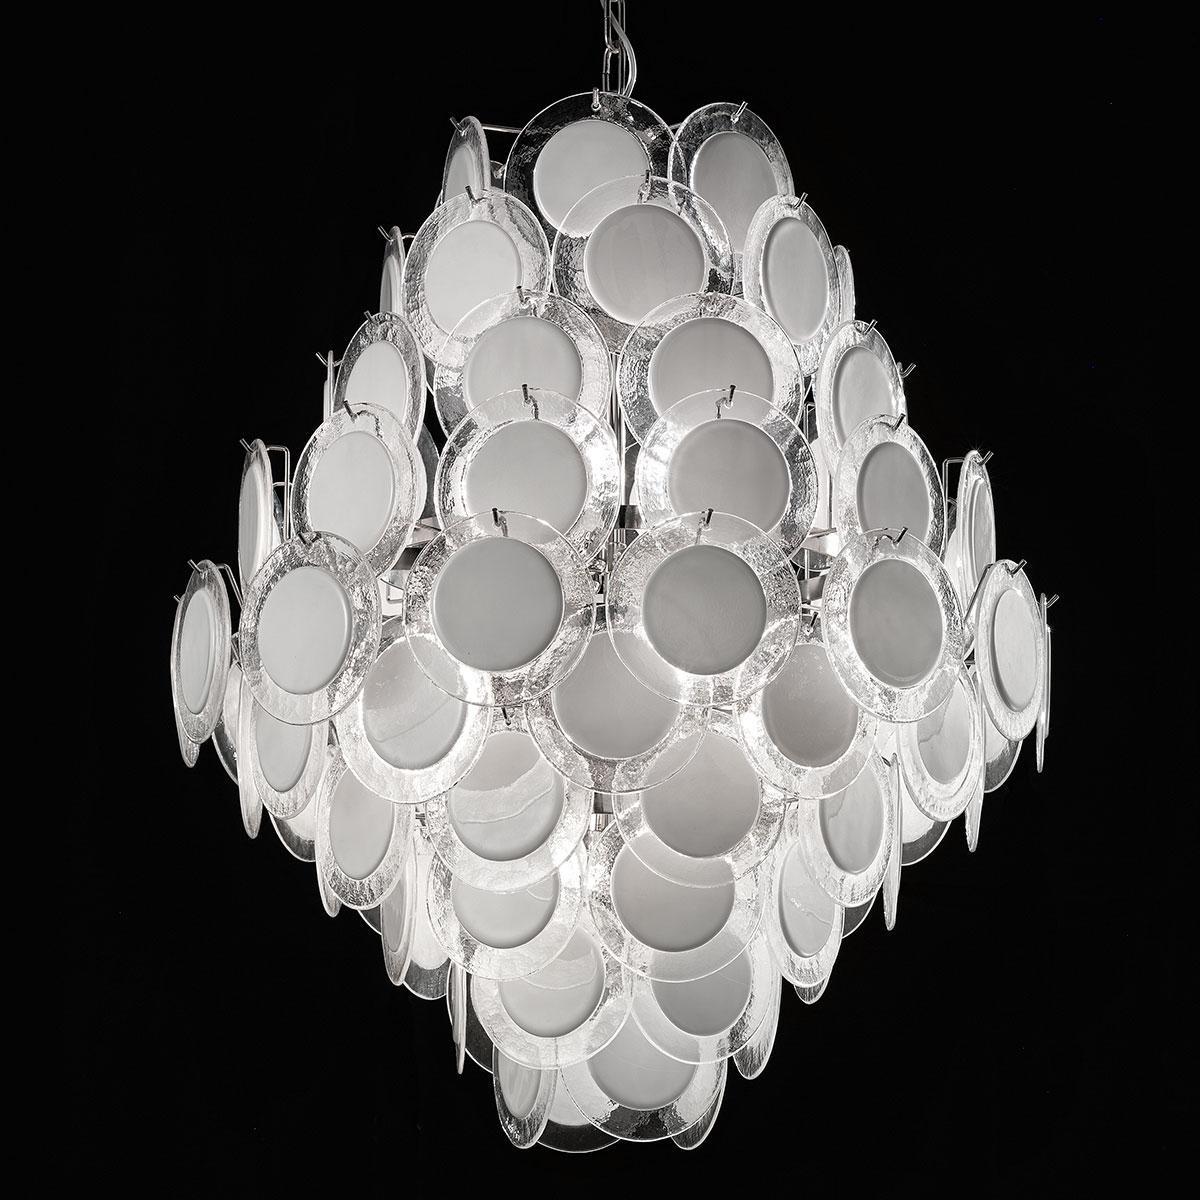 """""""Melody"""" lampara de araña de Murano - 12 luces - blanco y cromo"""